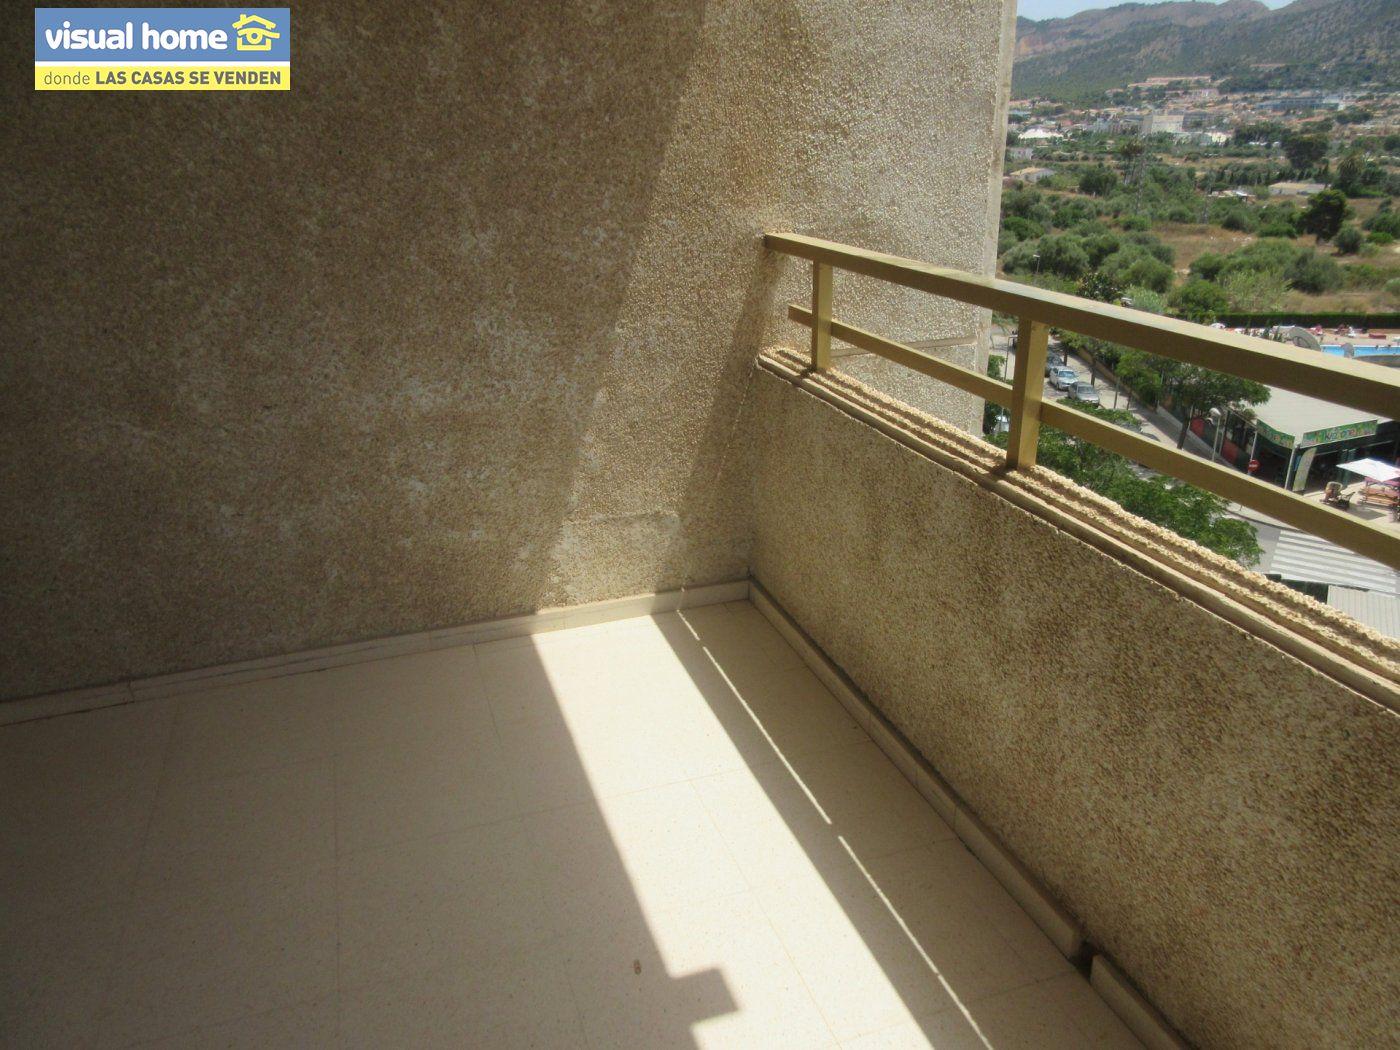 ¡¡¡ Oportunidad !!! Apartamento zona Levante de un dormitorio con parking y piscina 10